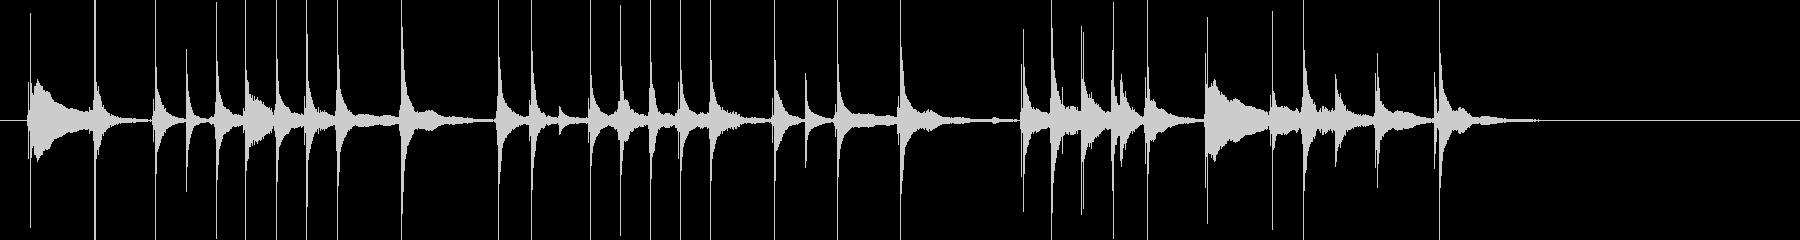 三味線23娘道成寺2日本式レビューショーの未再生の波形